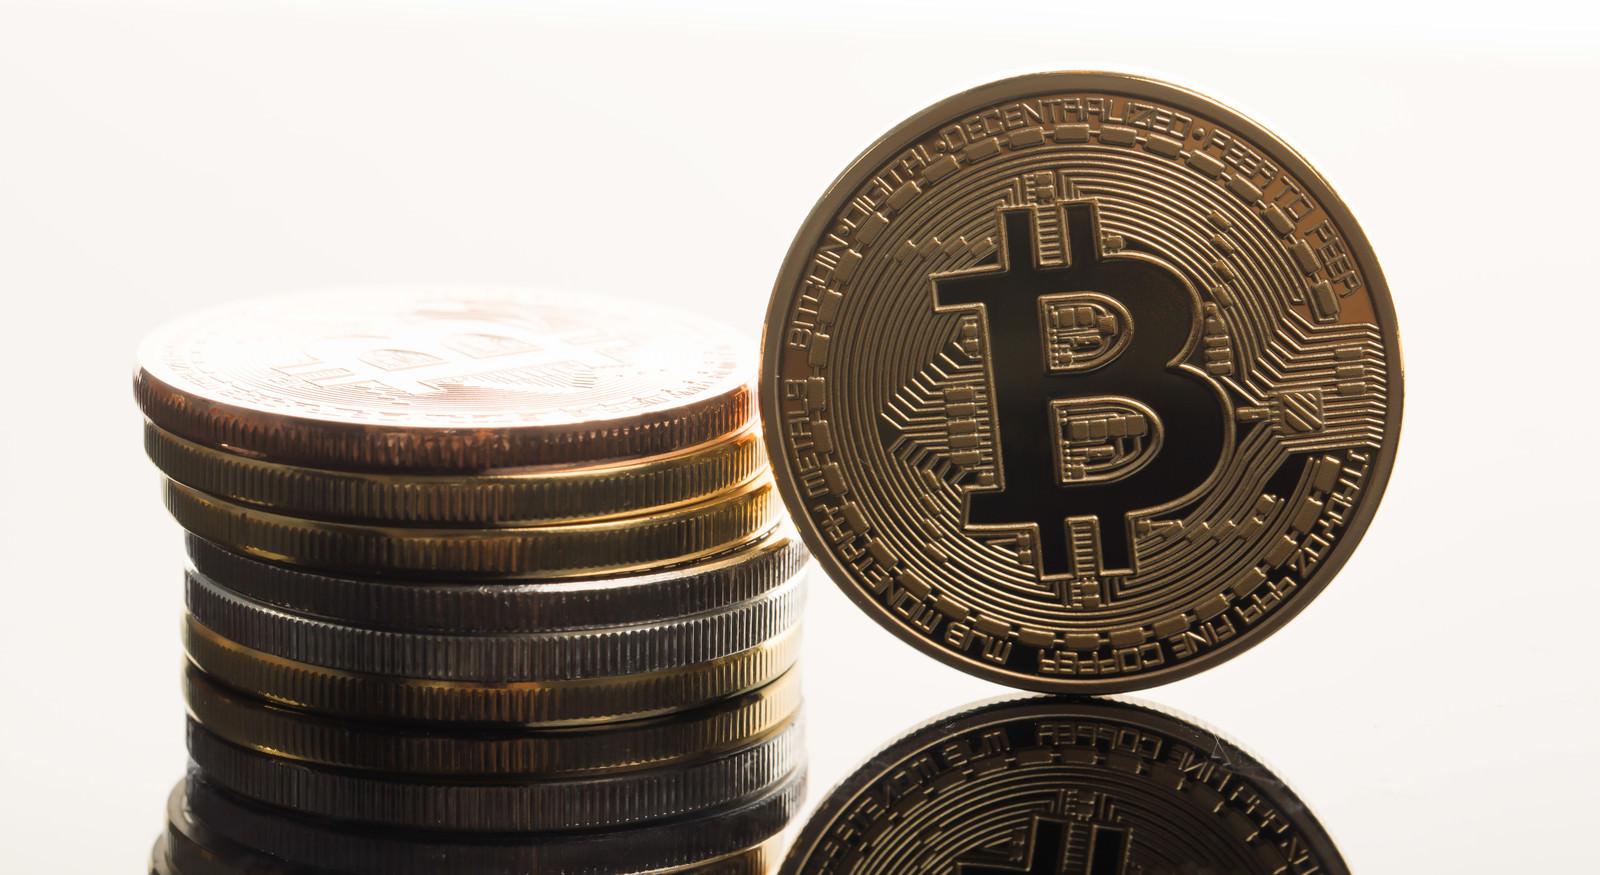 1ビットコインの価格が金(1オンス)を超えるのフリー素材